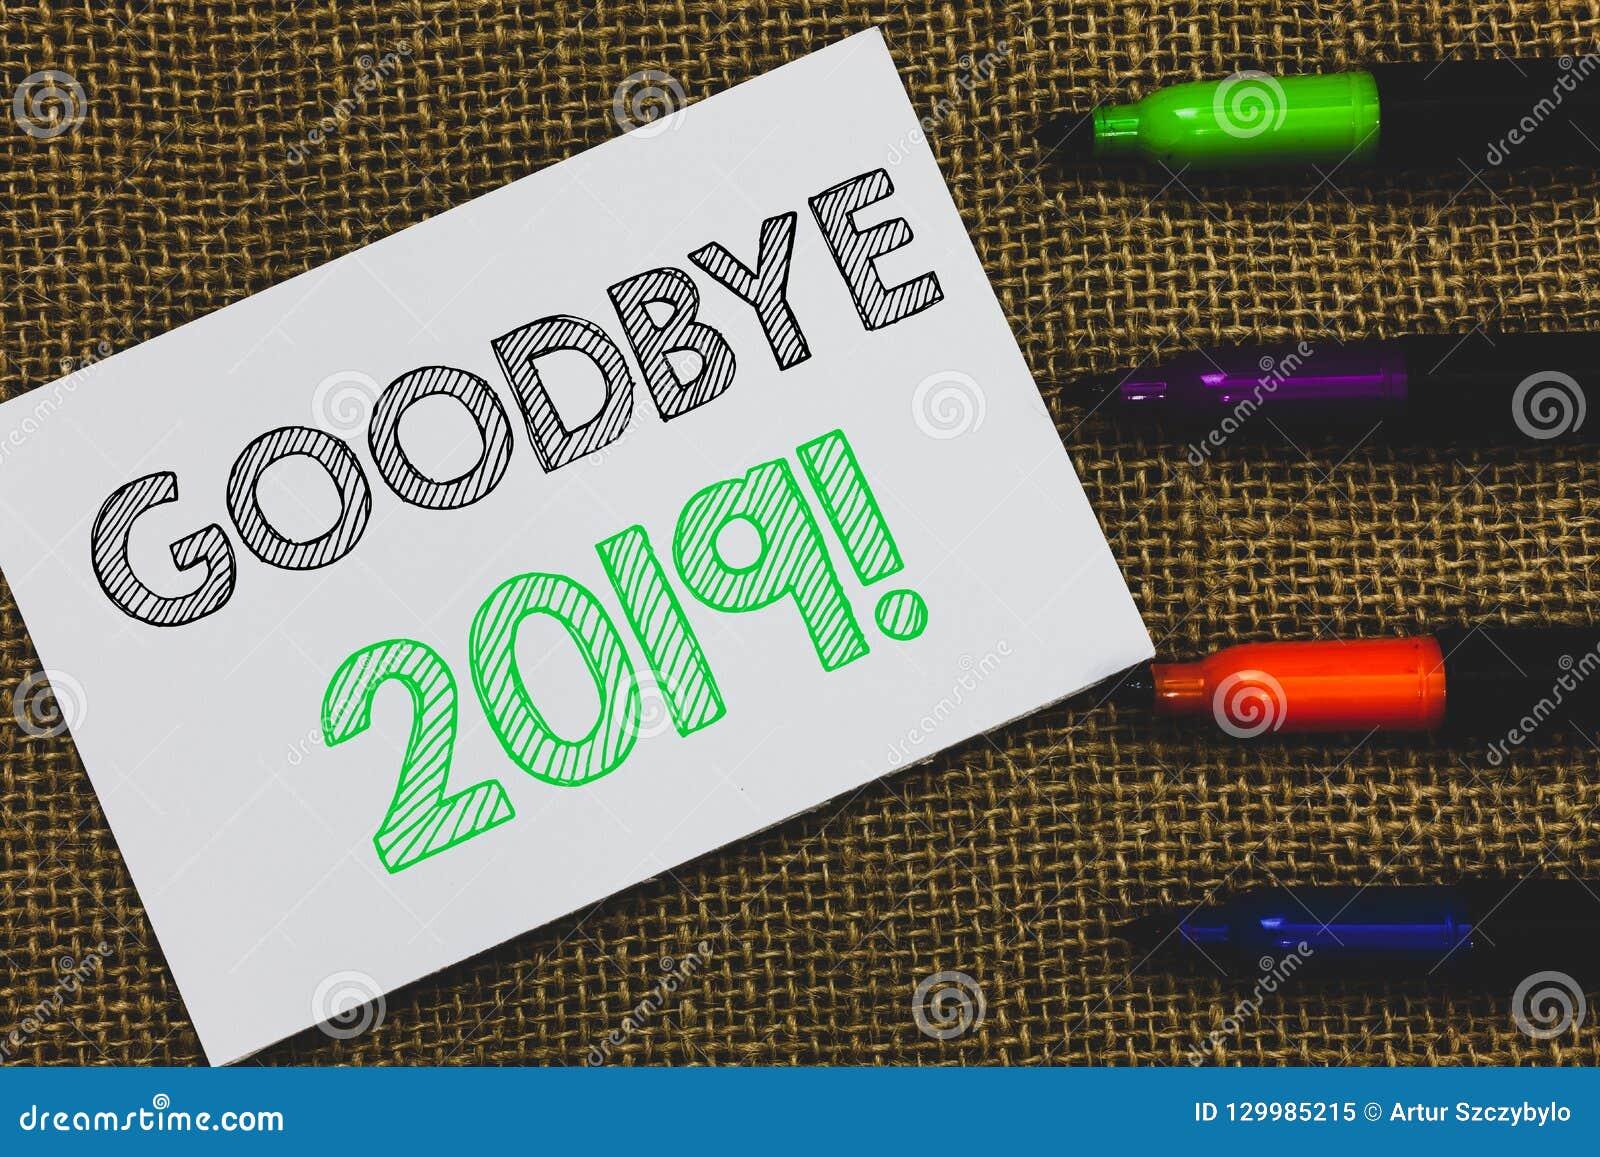 Почерк отправляет SMS до свидания 2019 Белая бумага перехода торжества месяца основного этапа работ кануна Нового Года смысла кон